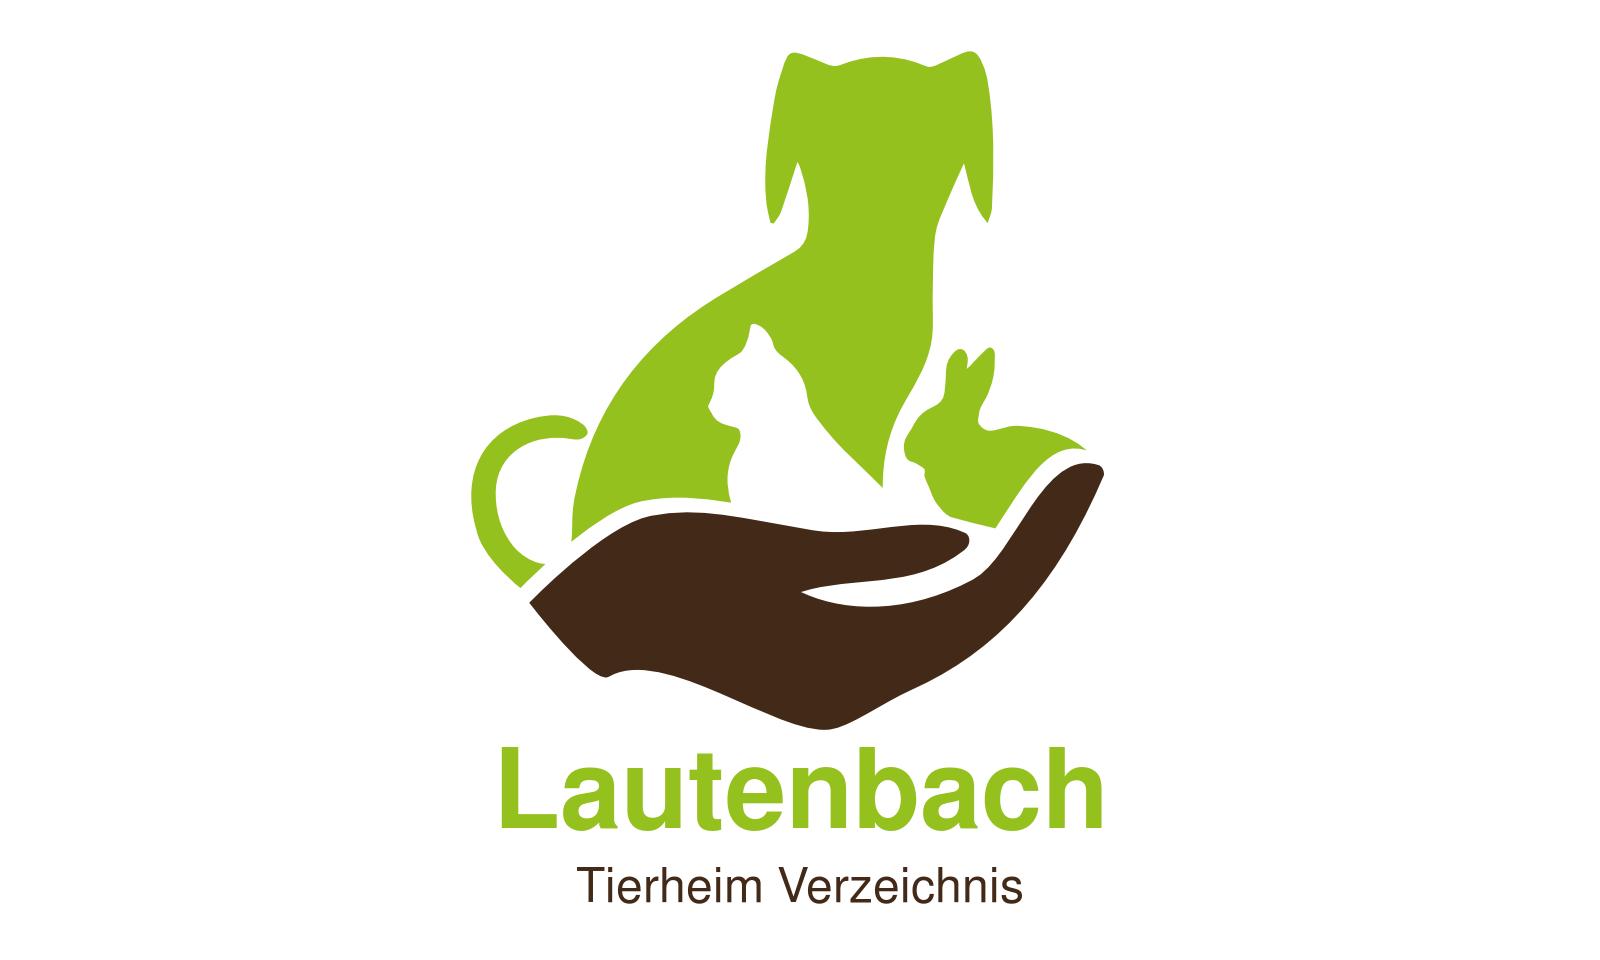 Tierheim Lautenbach